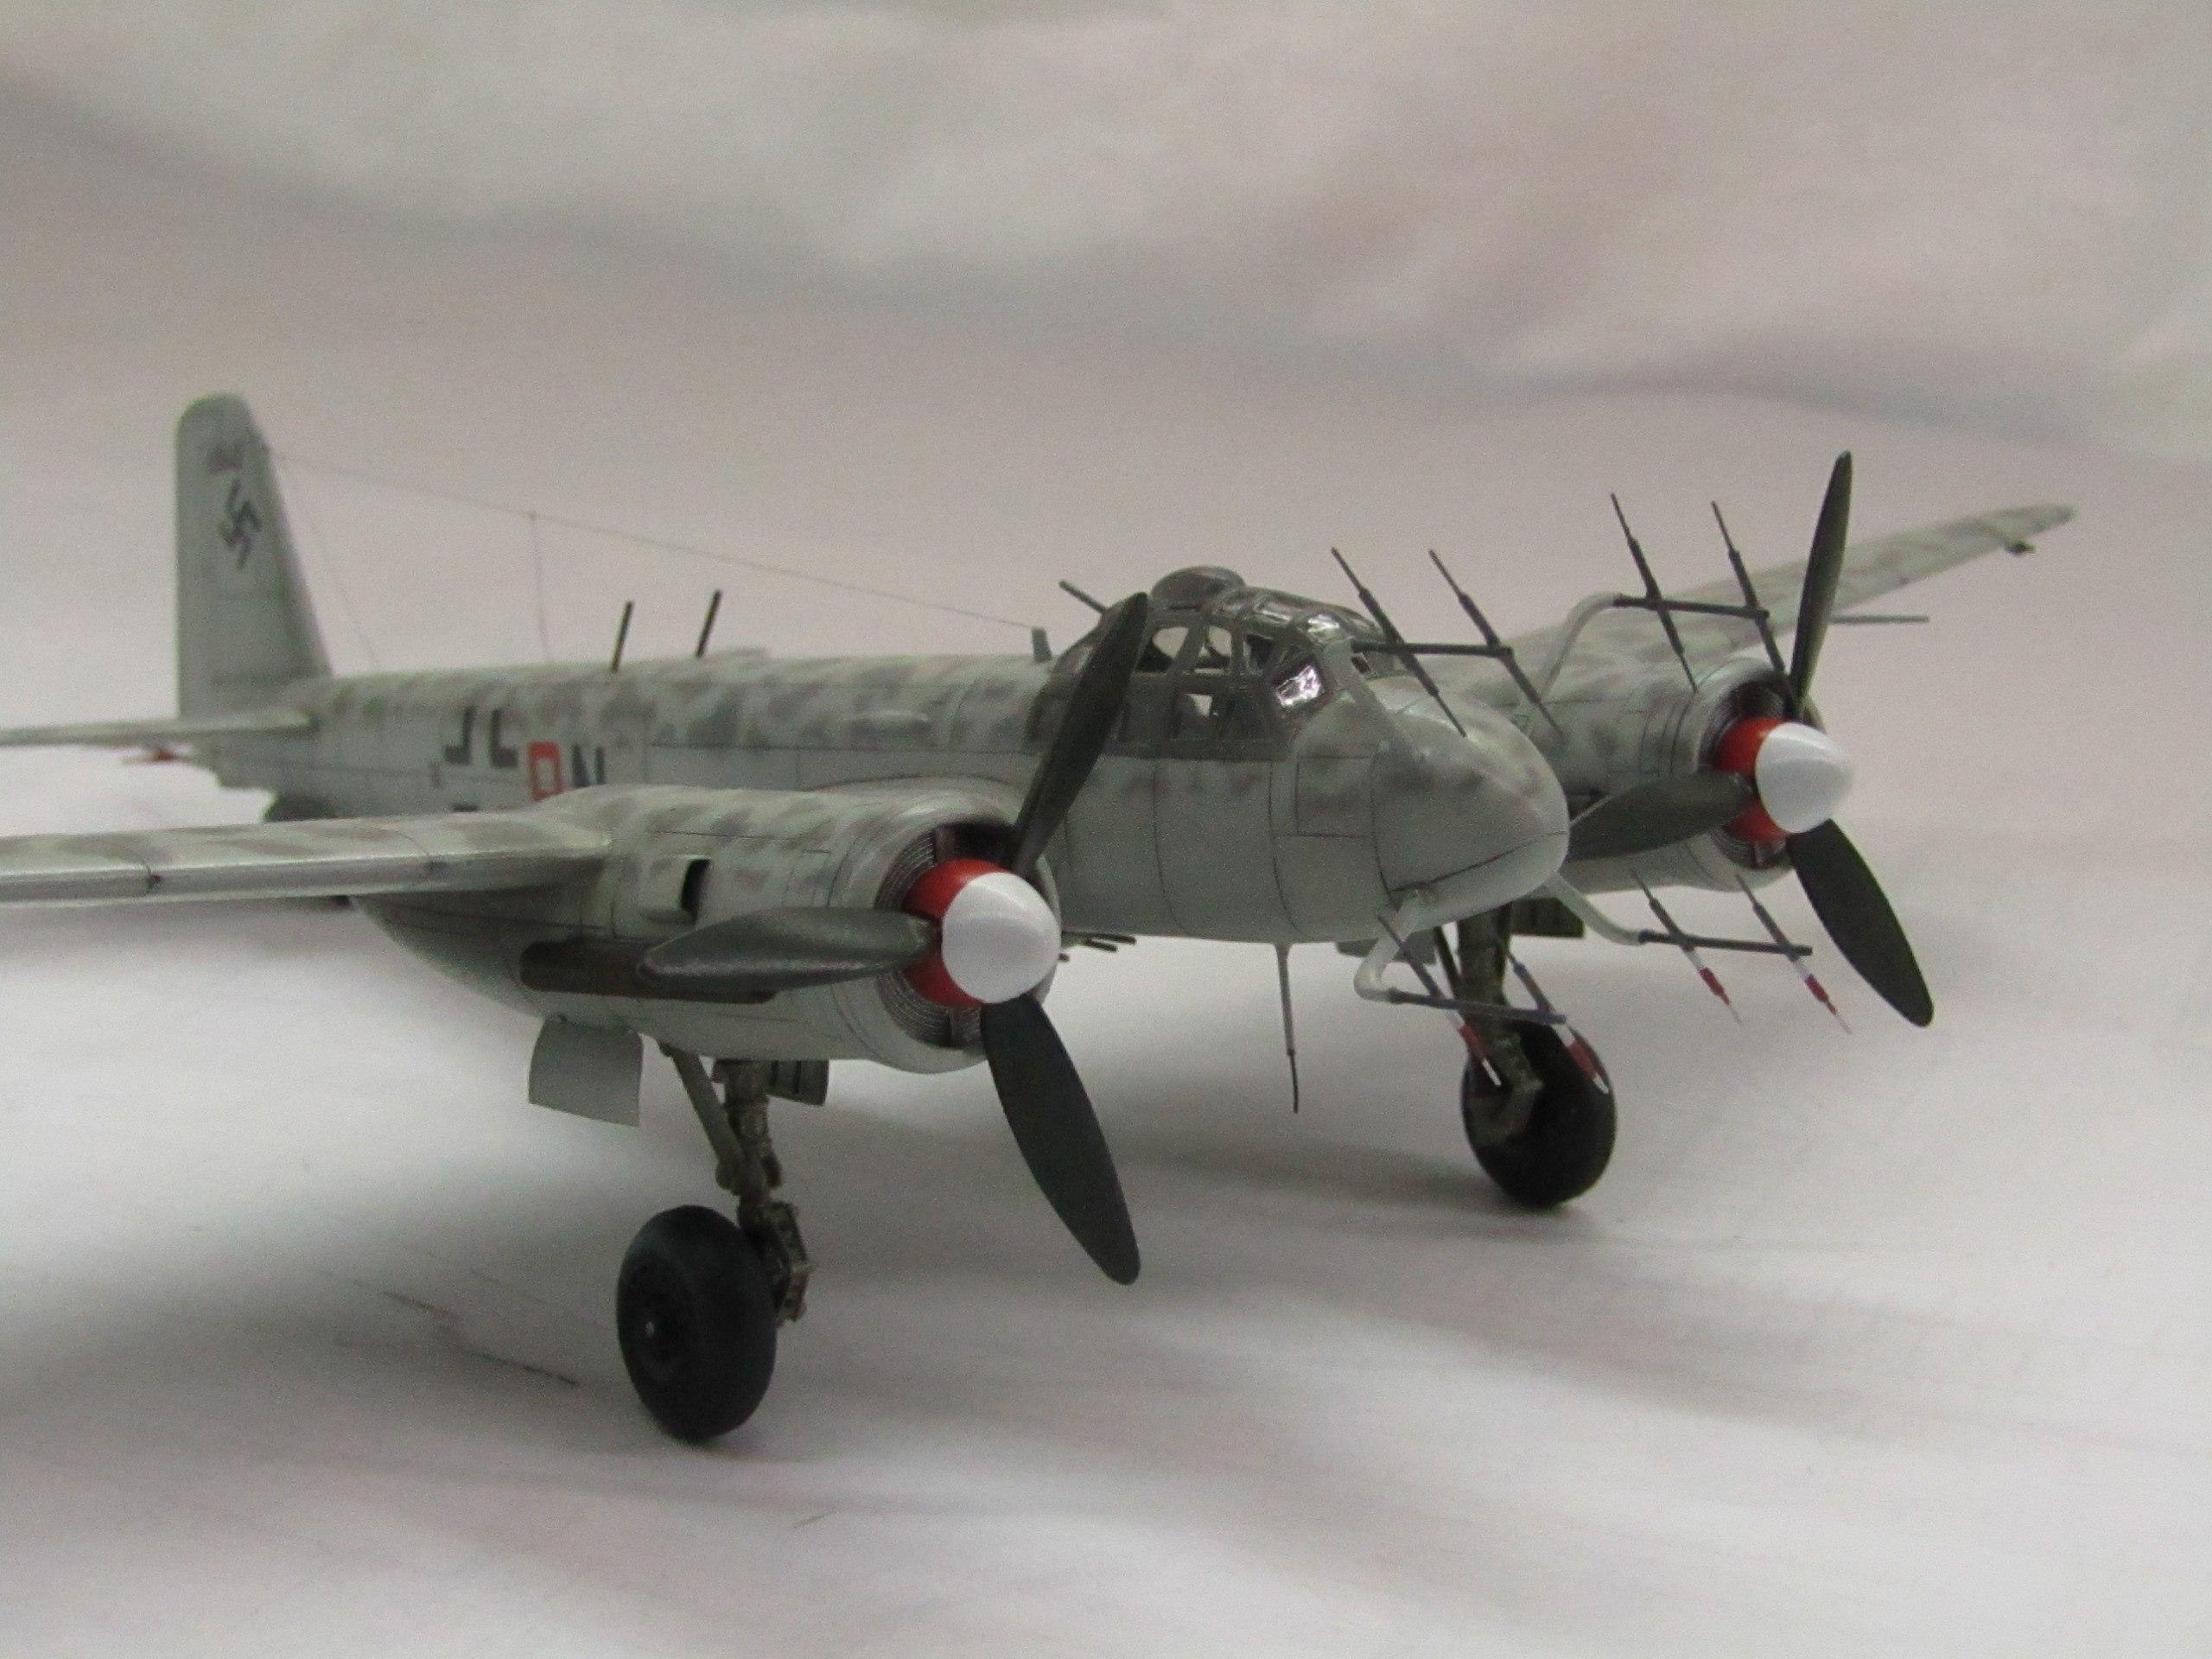 Ju-88 G-6 1/72 (Звезда) XPAz7xDWwf8